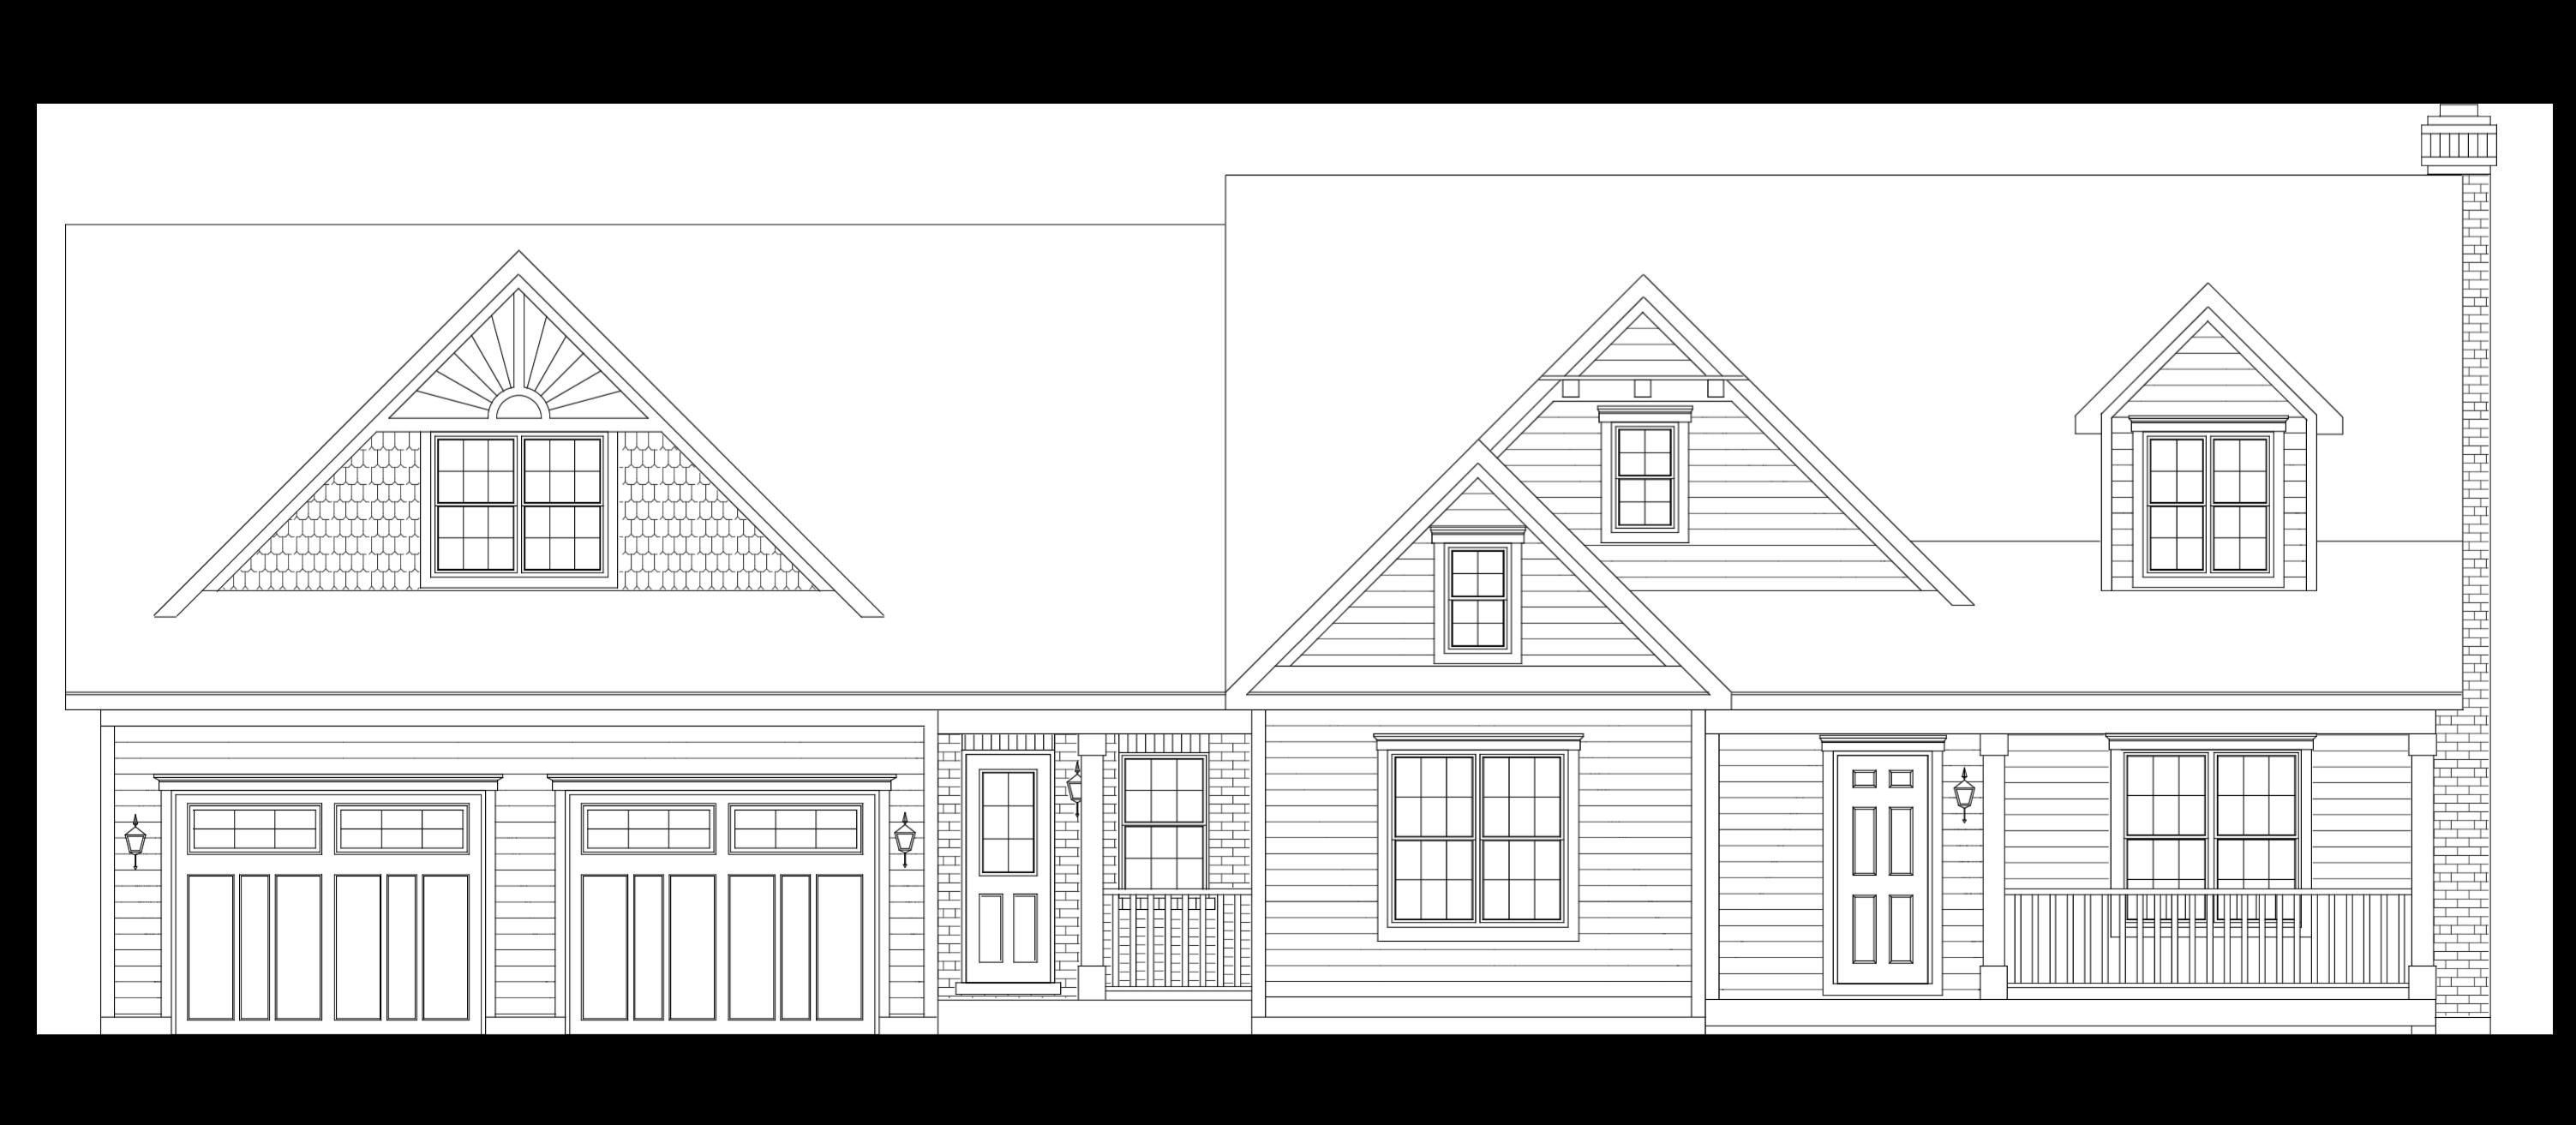 Cornerstones Residential Design Inc.